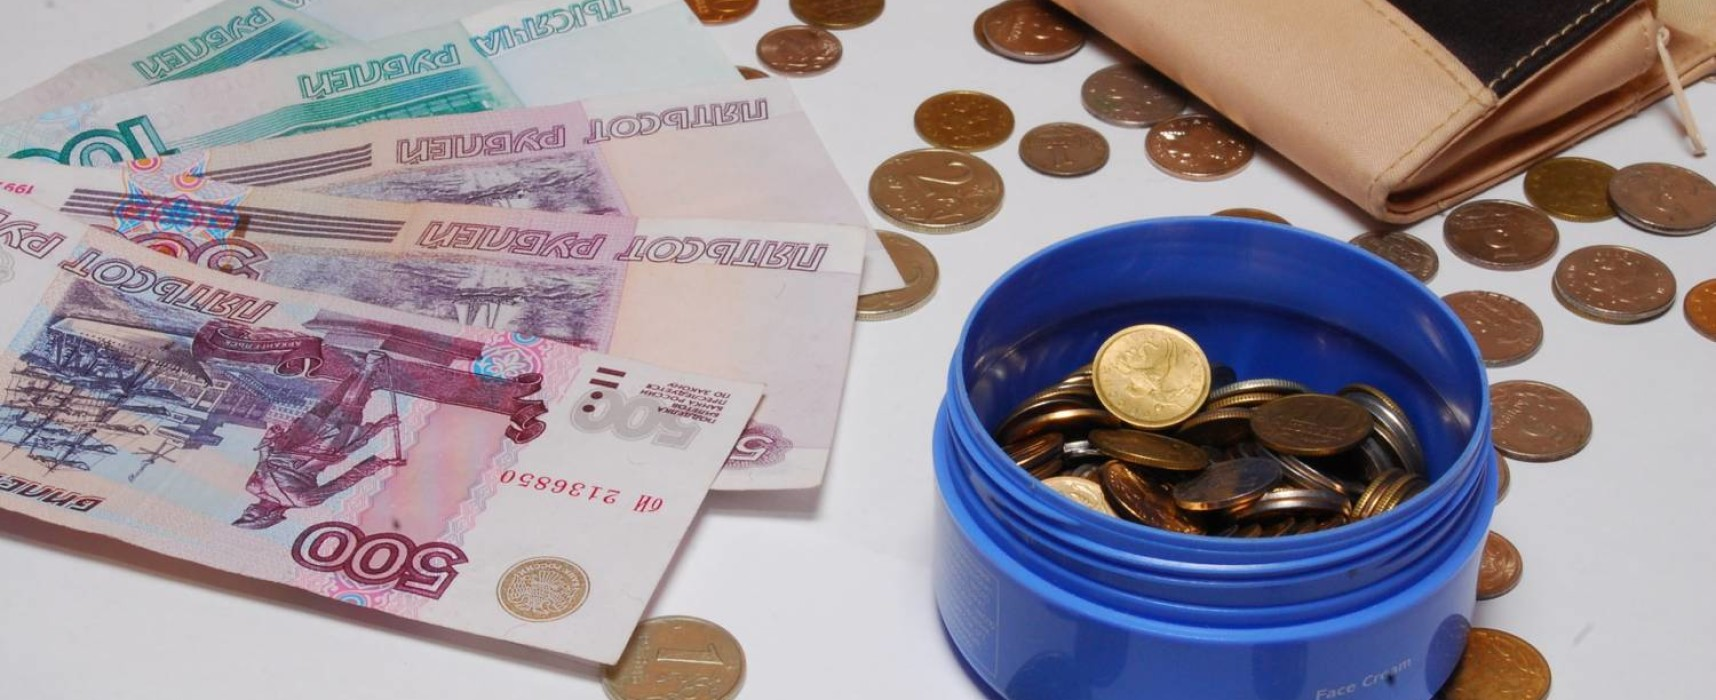 Справка о средней зарплате для определения пособия по безработице